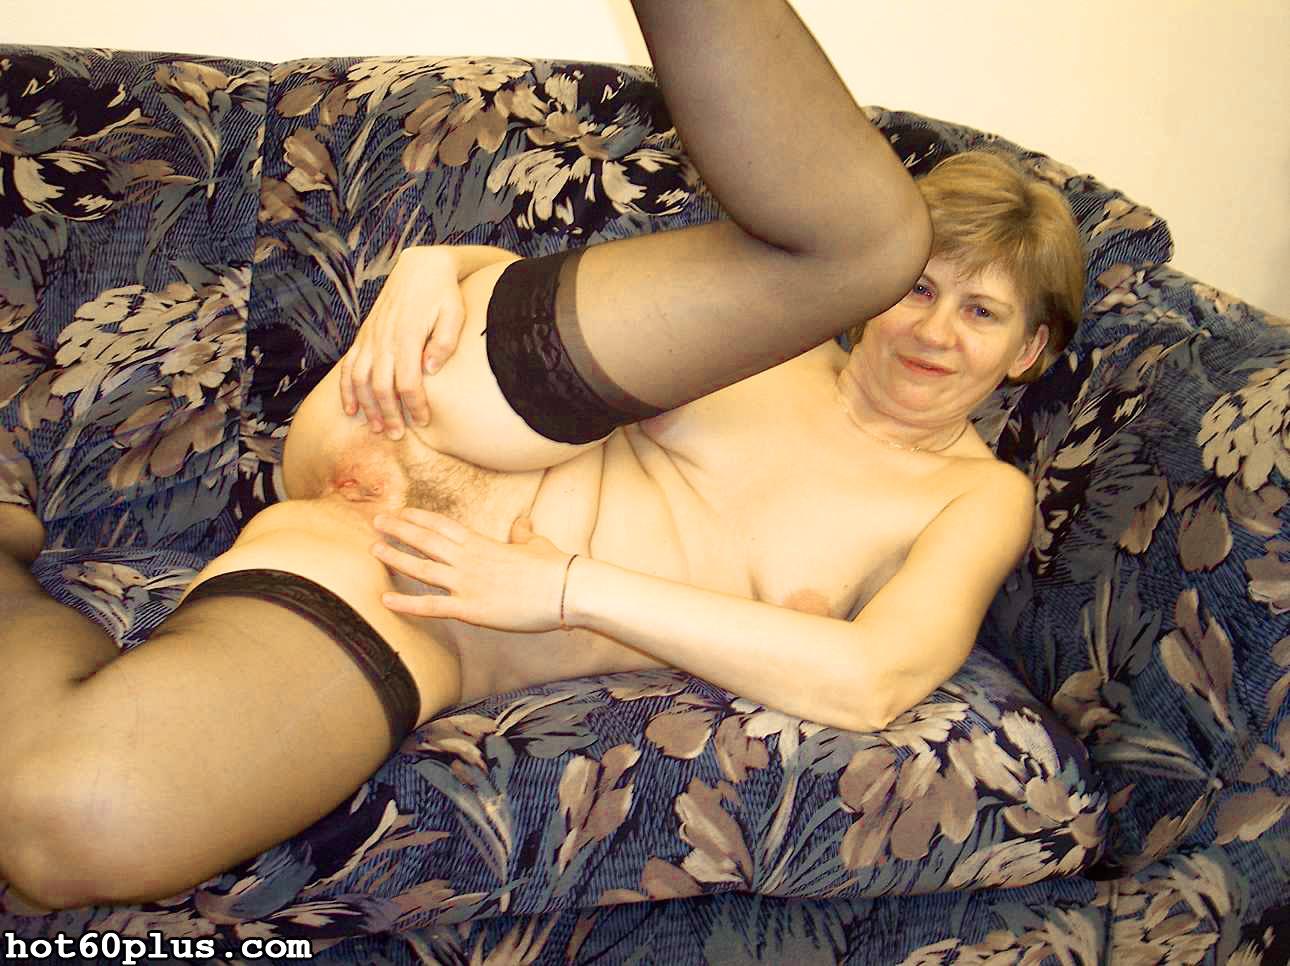 ХХХ фотки про трах с мамой на диване. Фото - 2